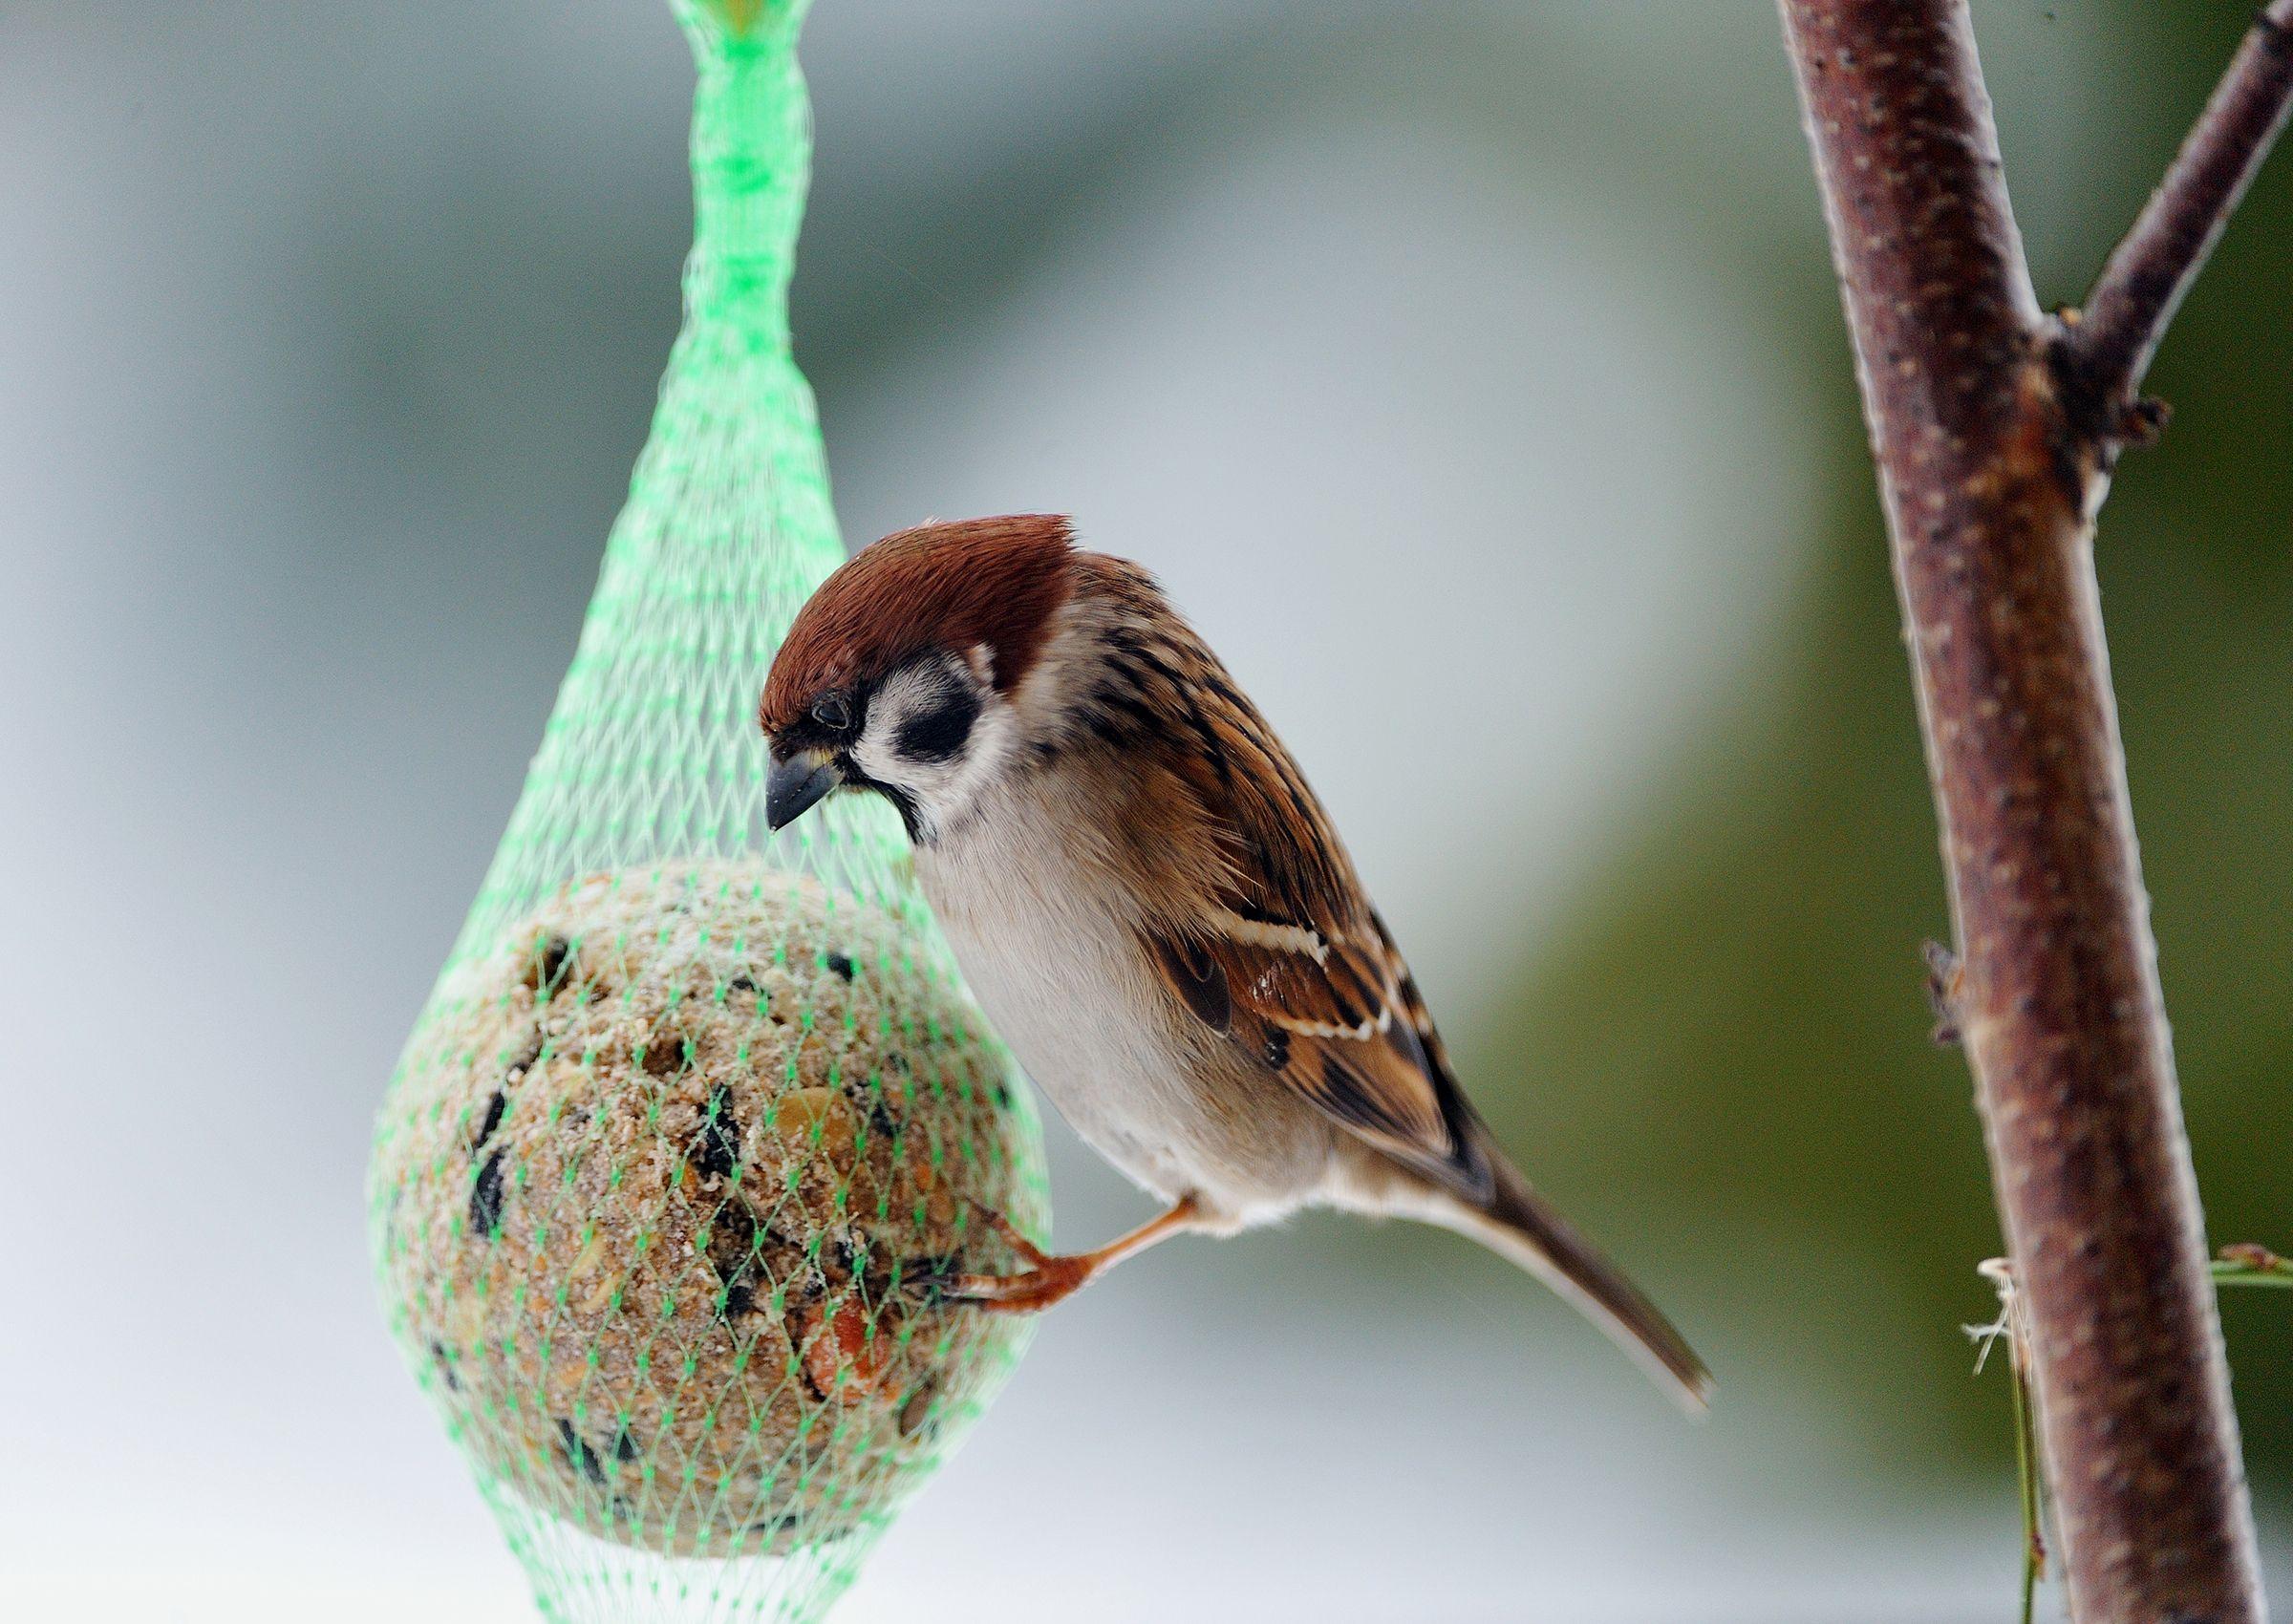 Jatka lintujen talviruokintaa, kunnes luonto tarjoaa taas syötävää. Lue Meidän talon vinkit ja kata ravitseva ateria pihapiirin sirkuttajille.